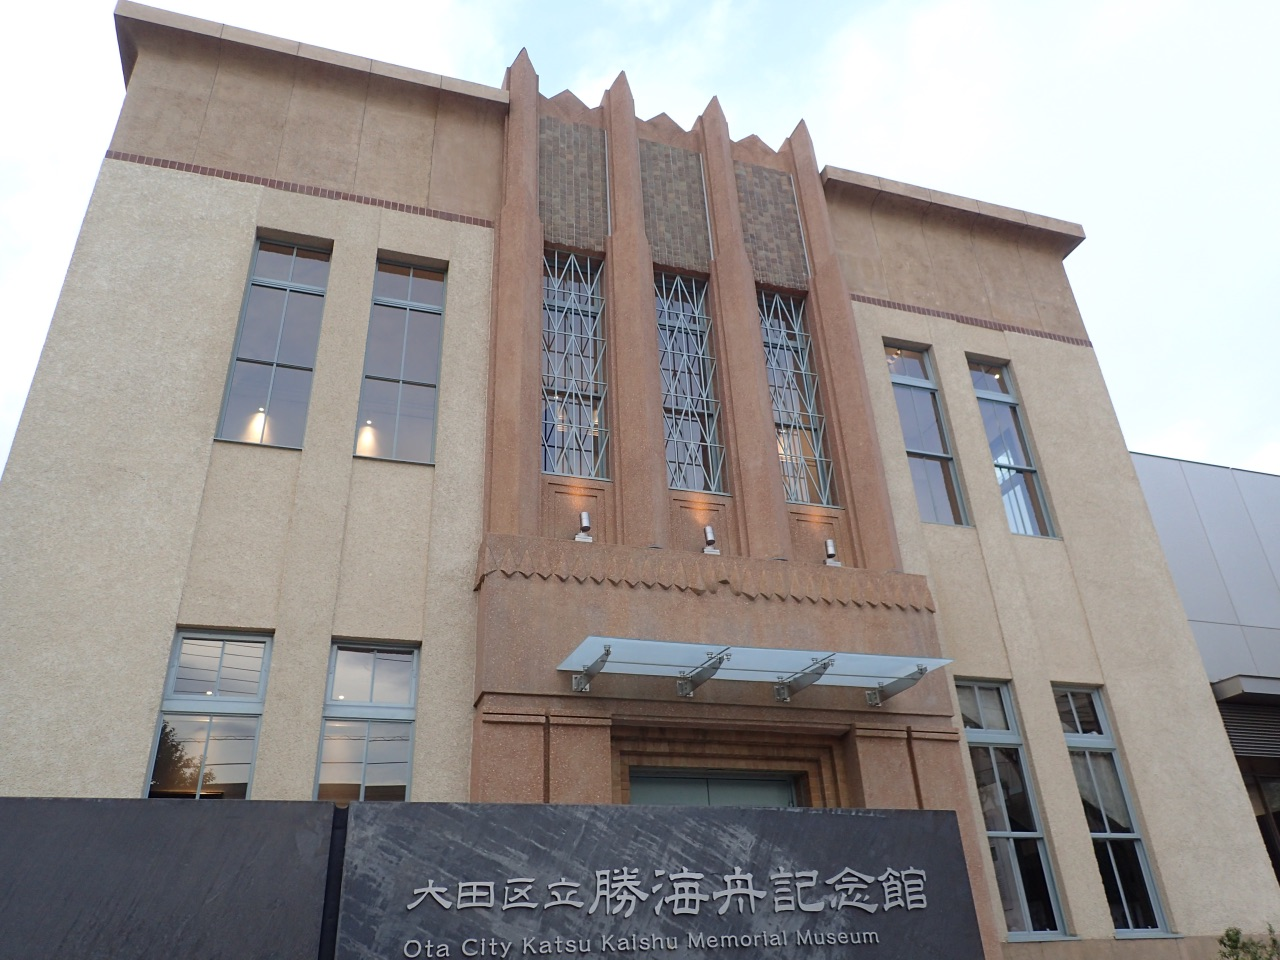 大田区立勝海舟記念館